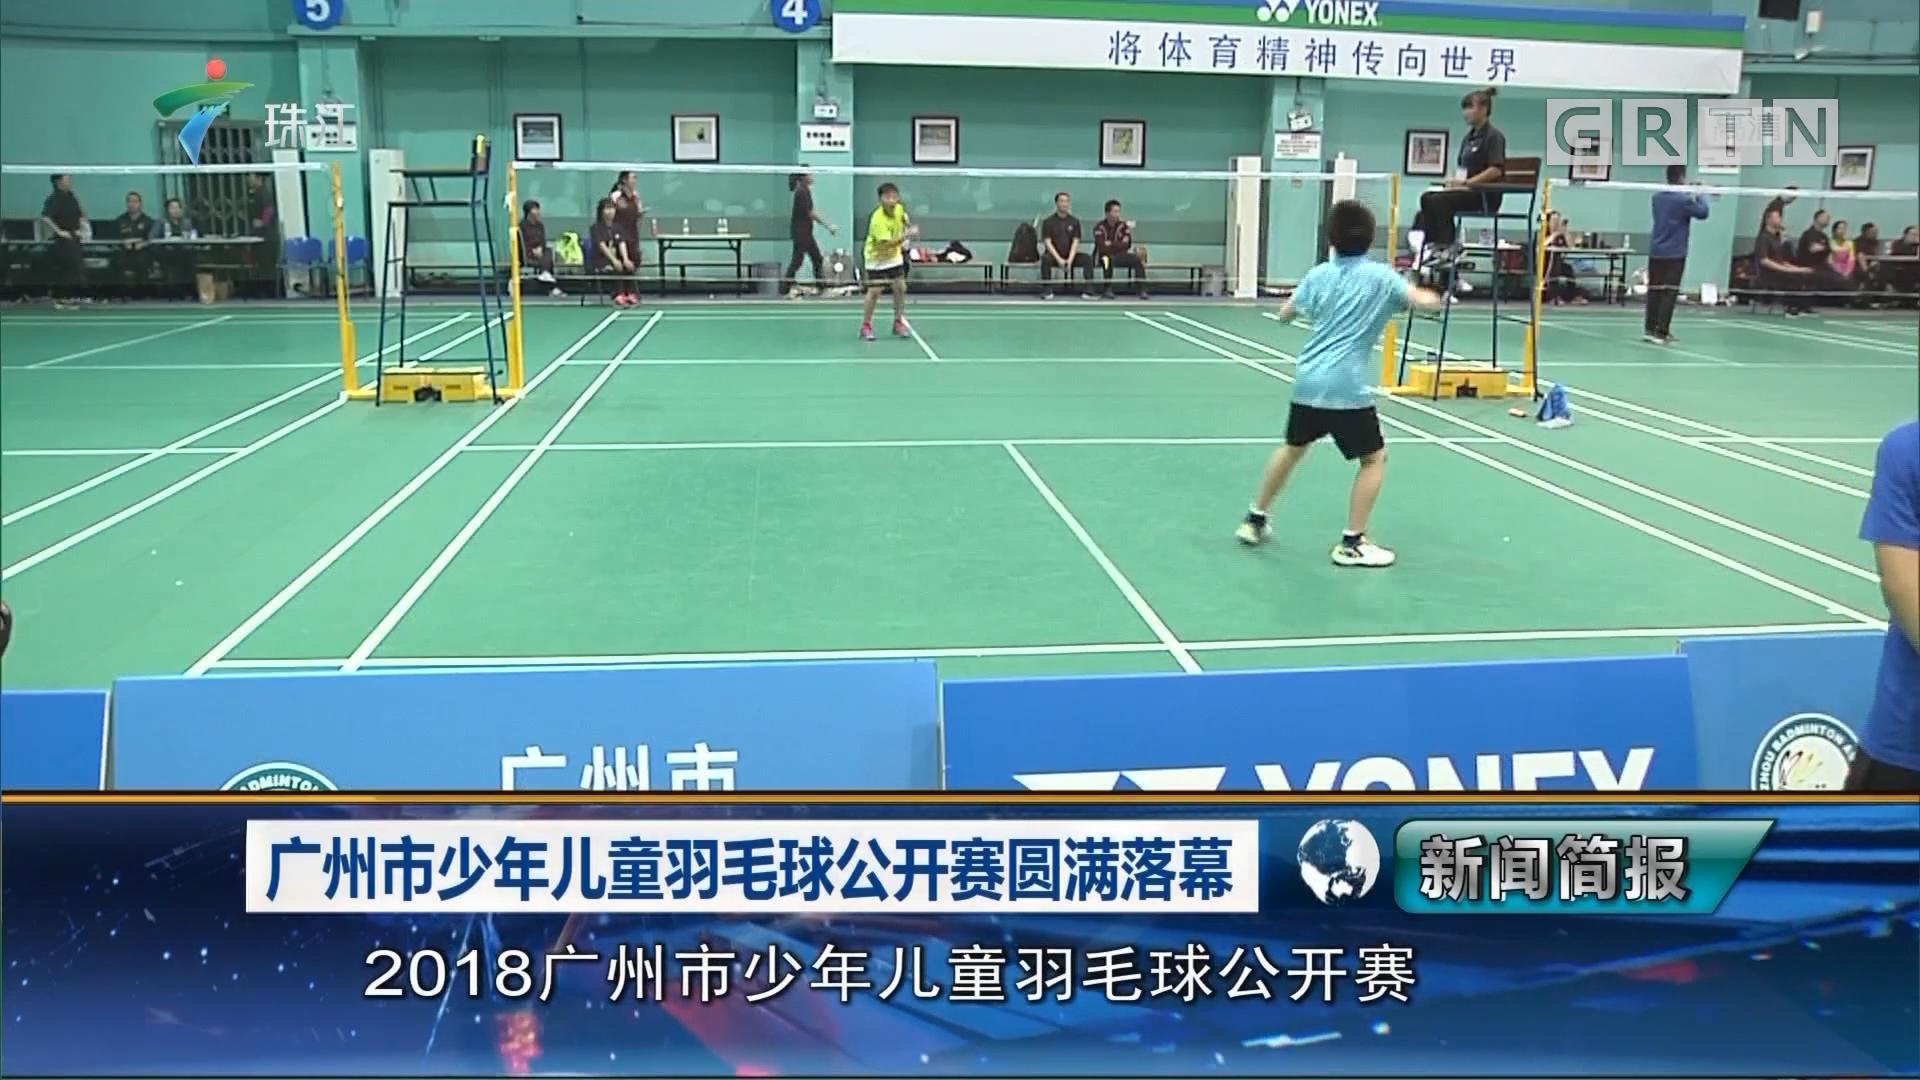 广州市少年儿童羽毛球公开赛圆满落幕